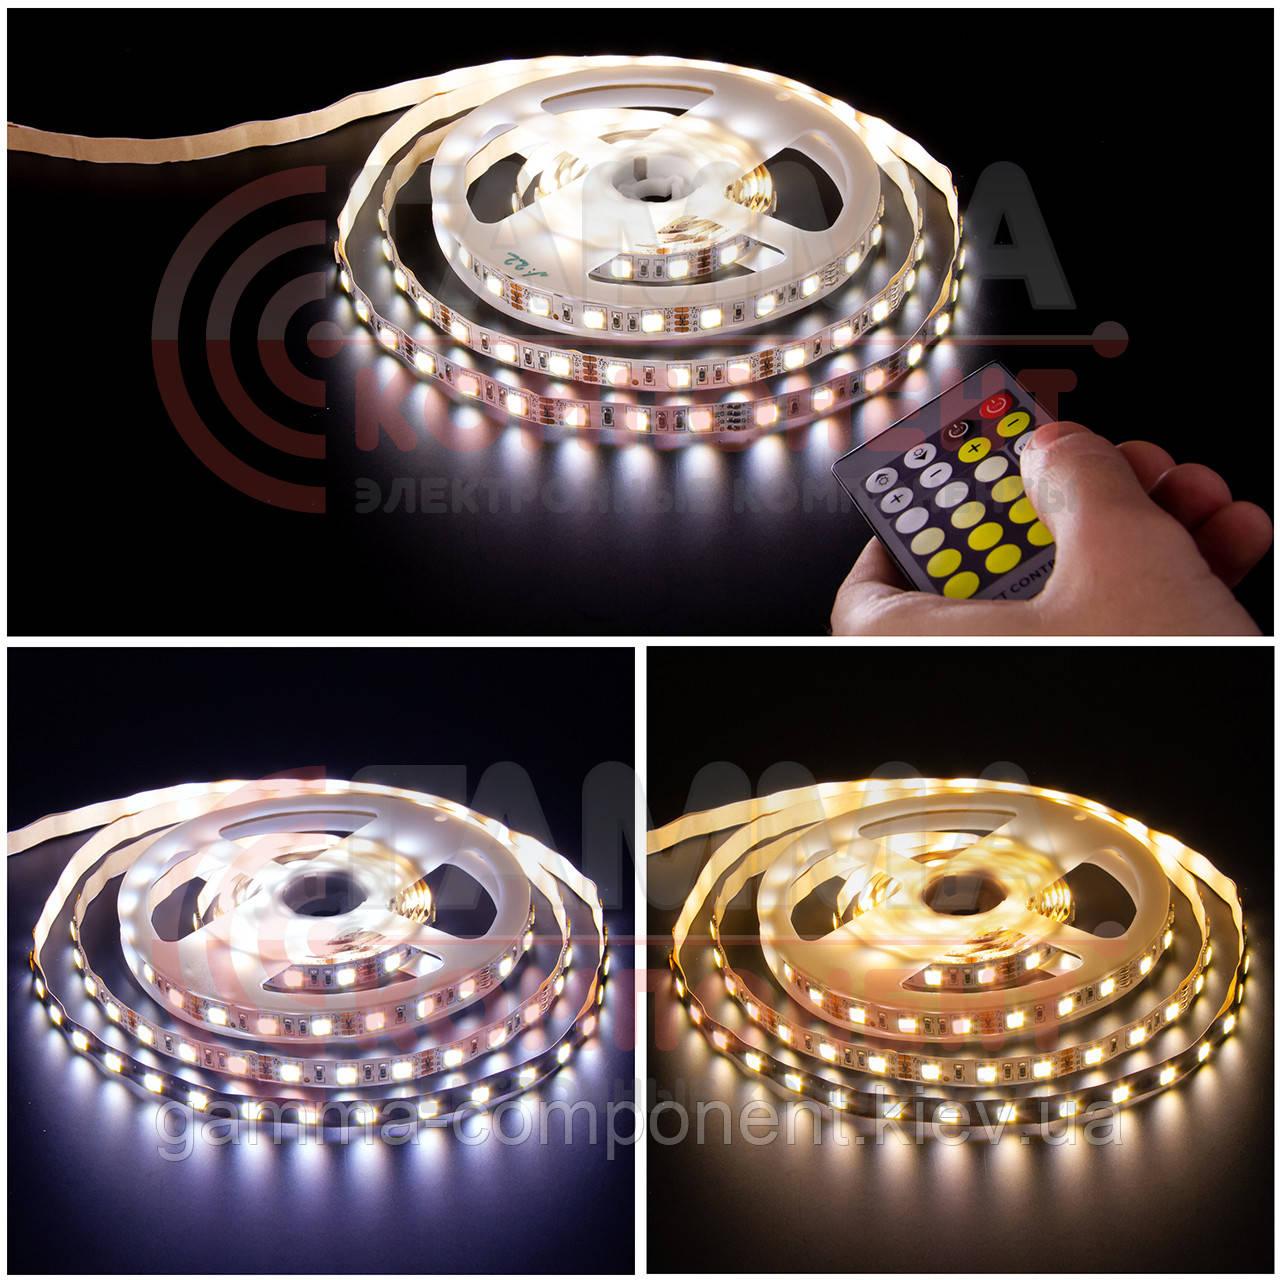 Светодиодная лента AVT PROFESSIONAL SMD 5025 (60 LED/м), белый и белый теплый, IP20, 12В бобины от 5 метров